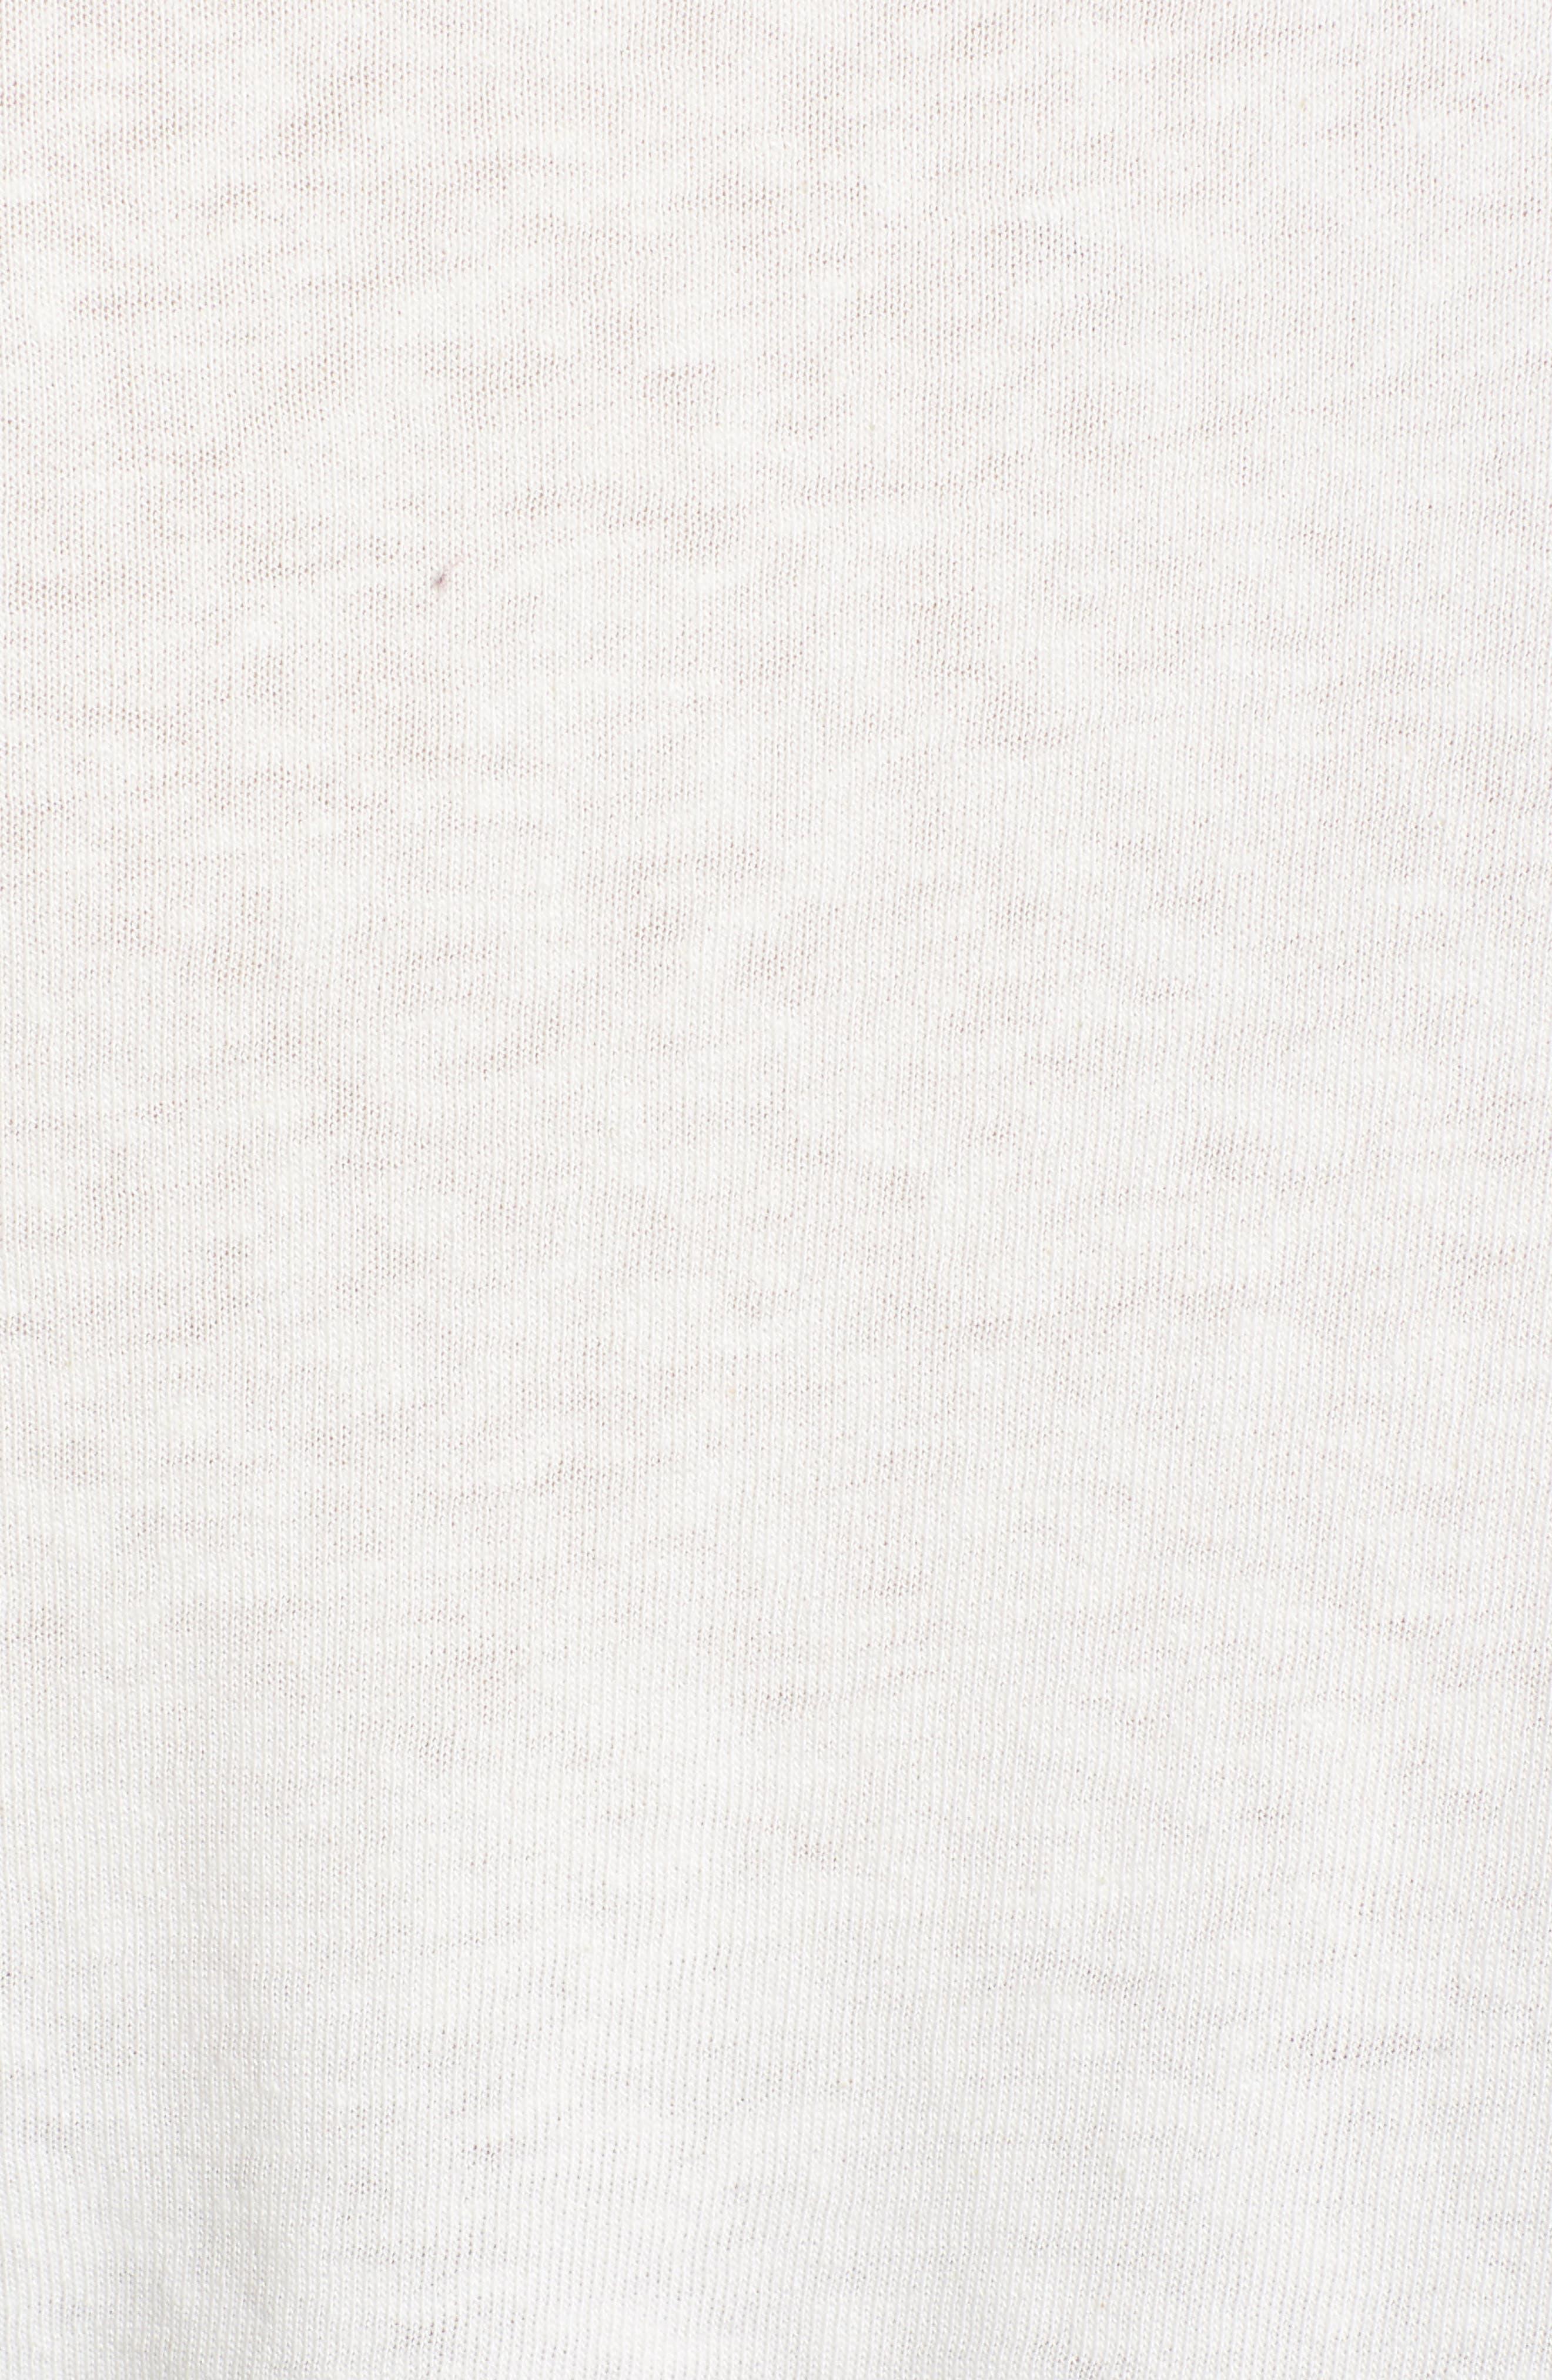 Radical Femme Tee,                             Alternate thumbnail 6, color,                             Vintage White